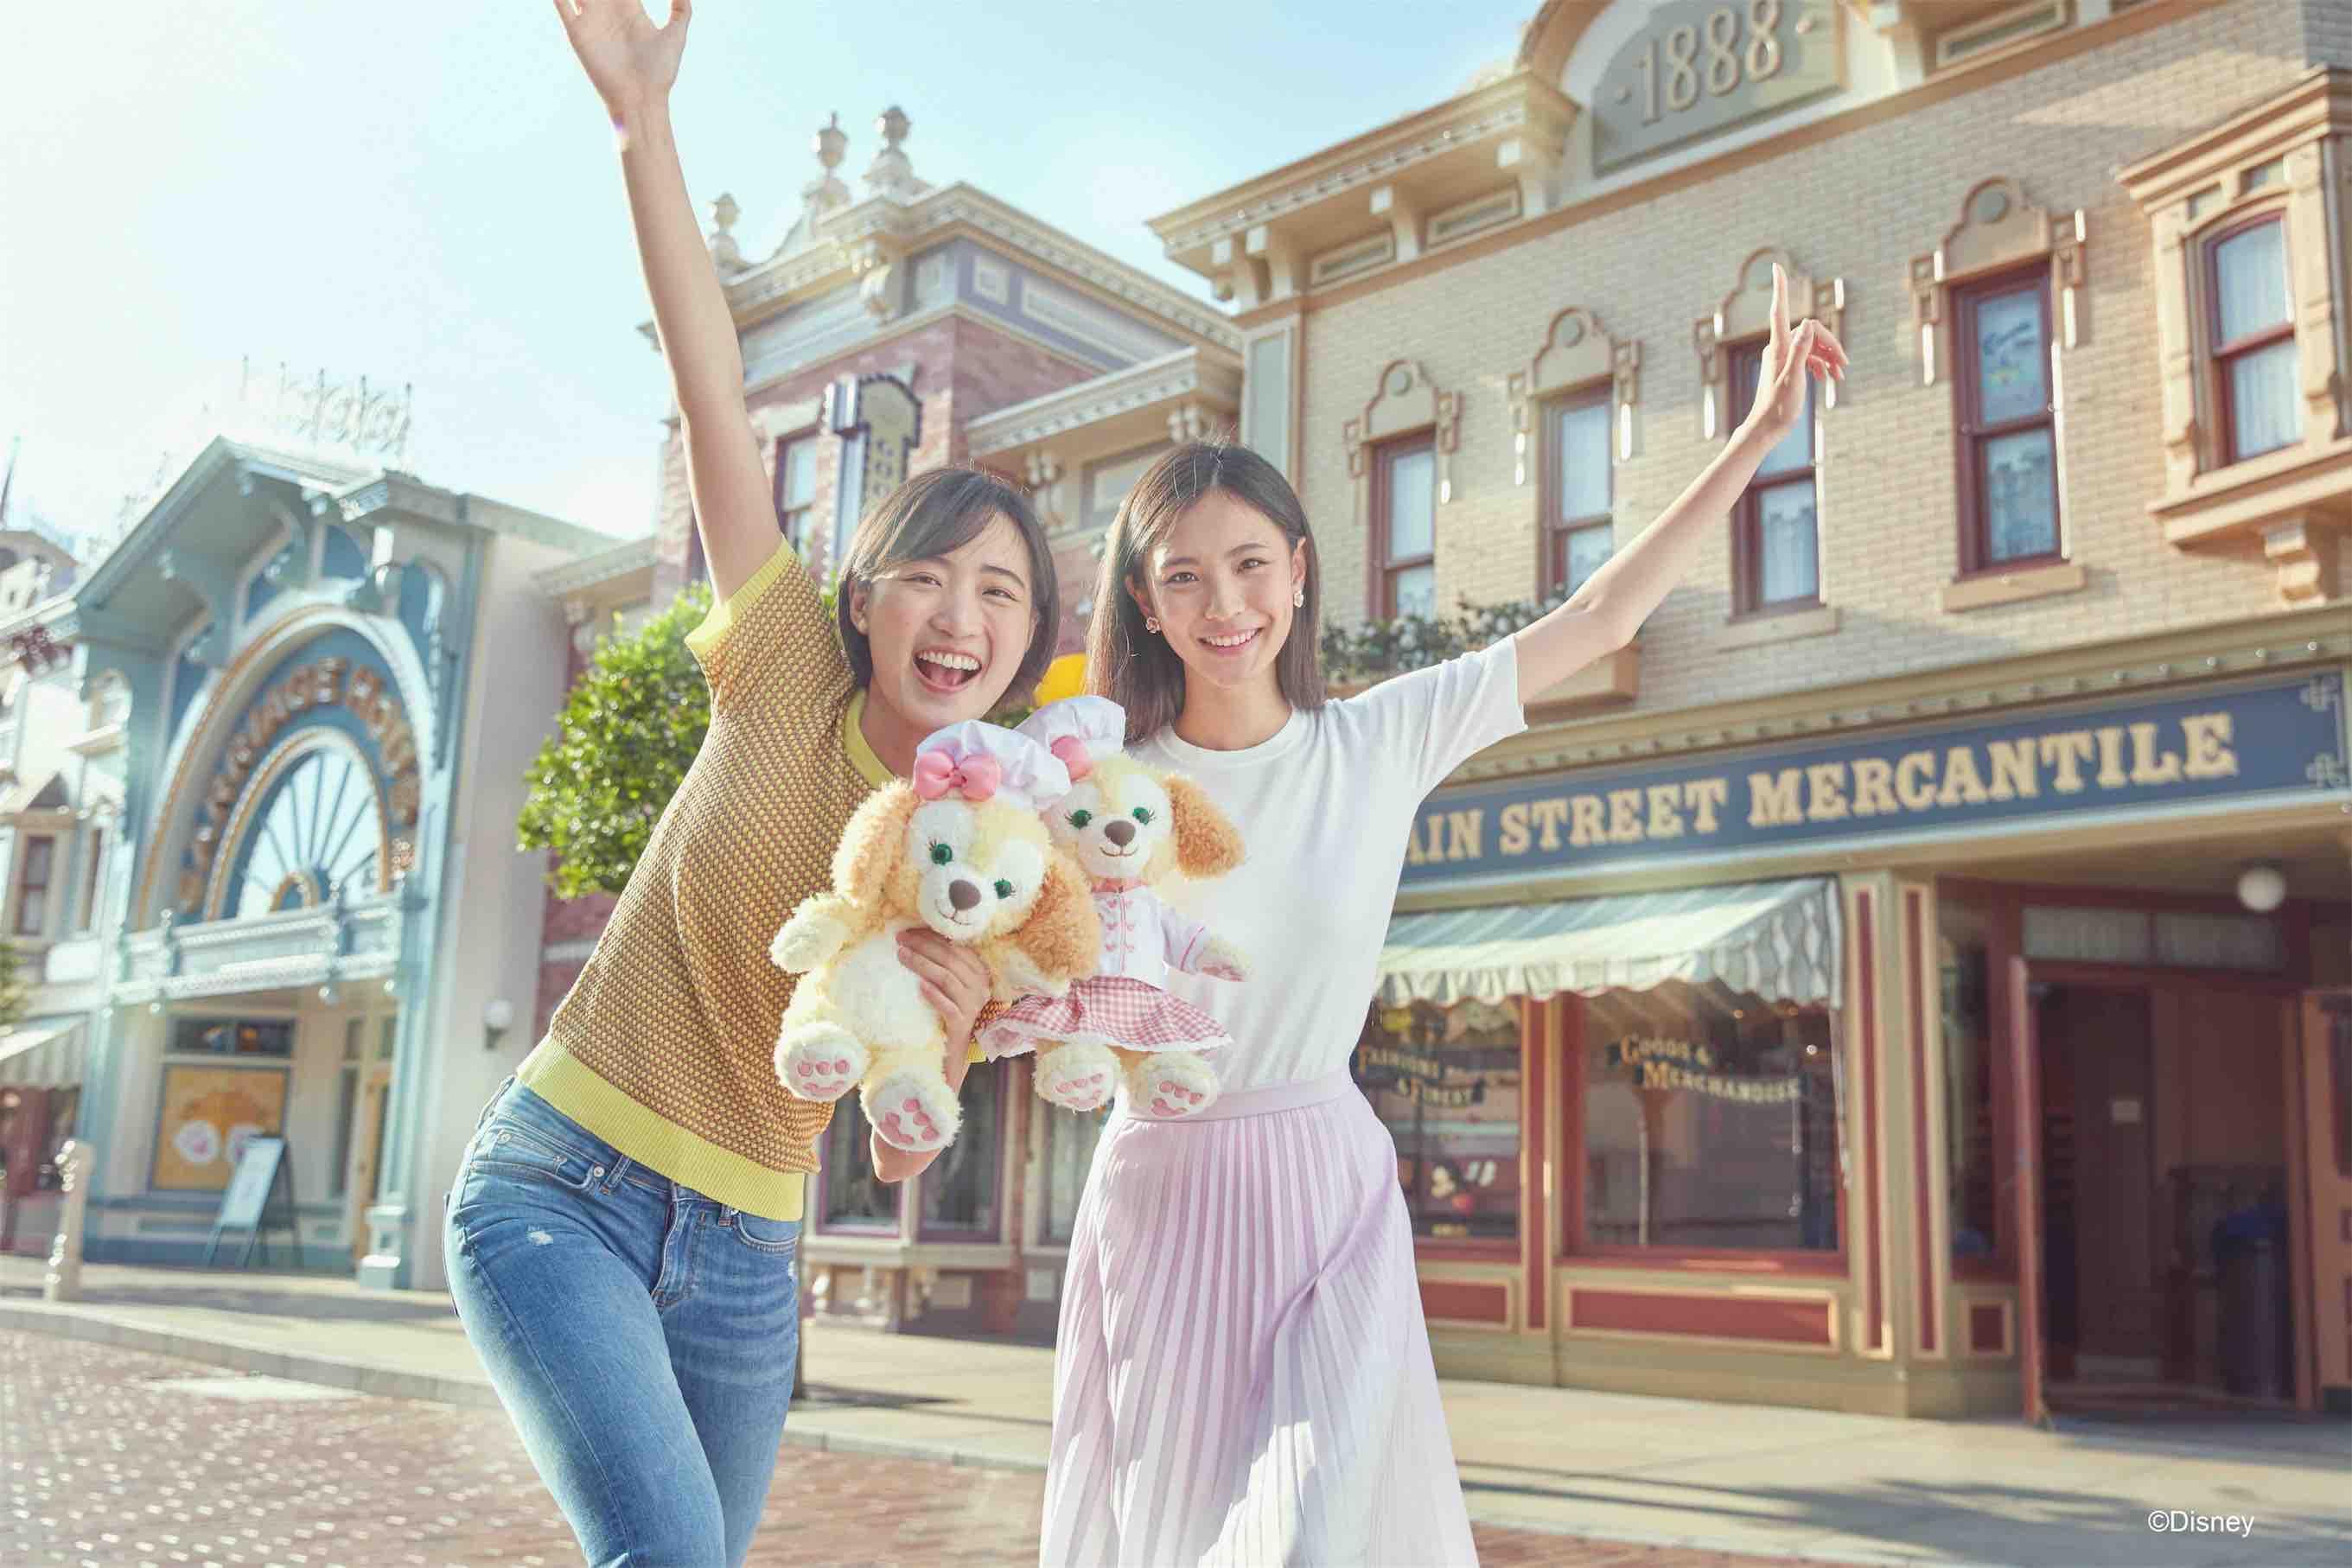 Hong Kong Disneyland Day Ticket Kkday Tiket Madame Tussauds Singapore